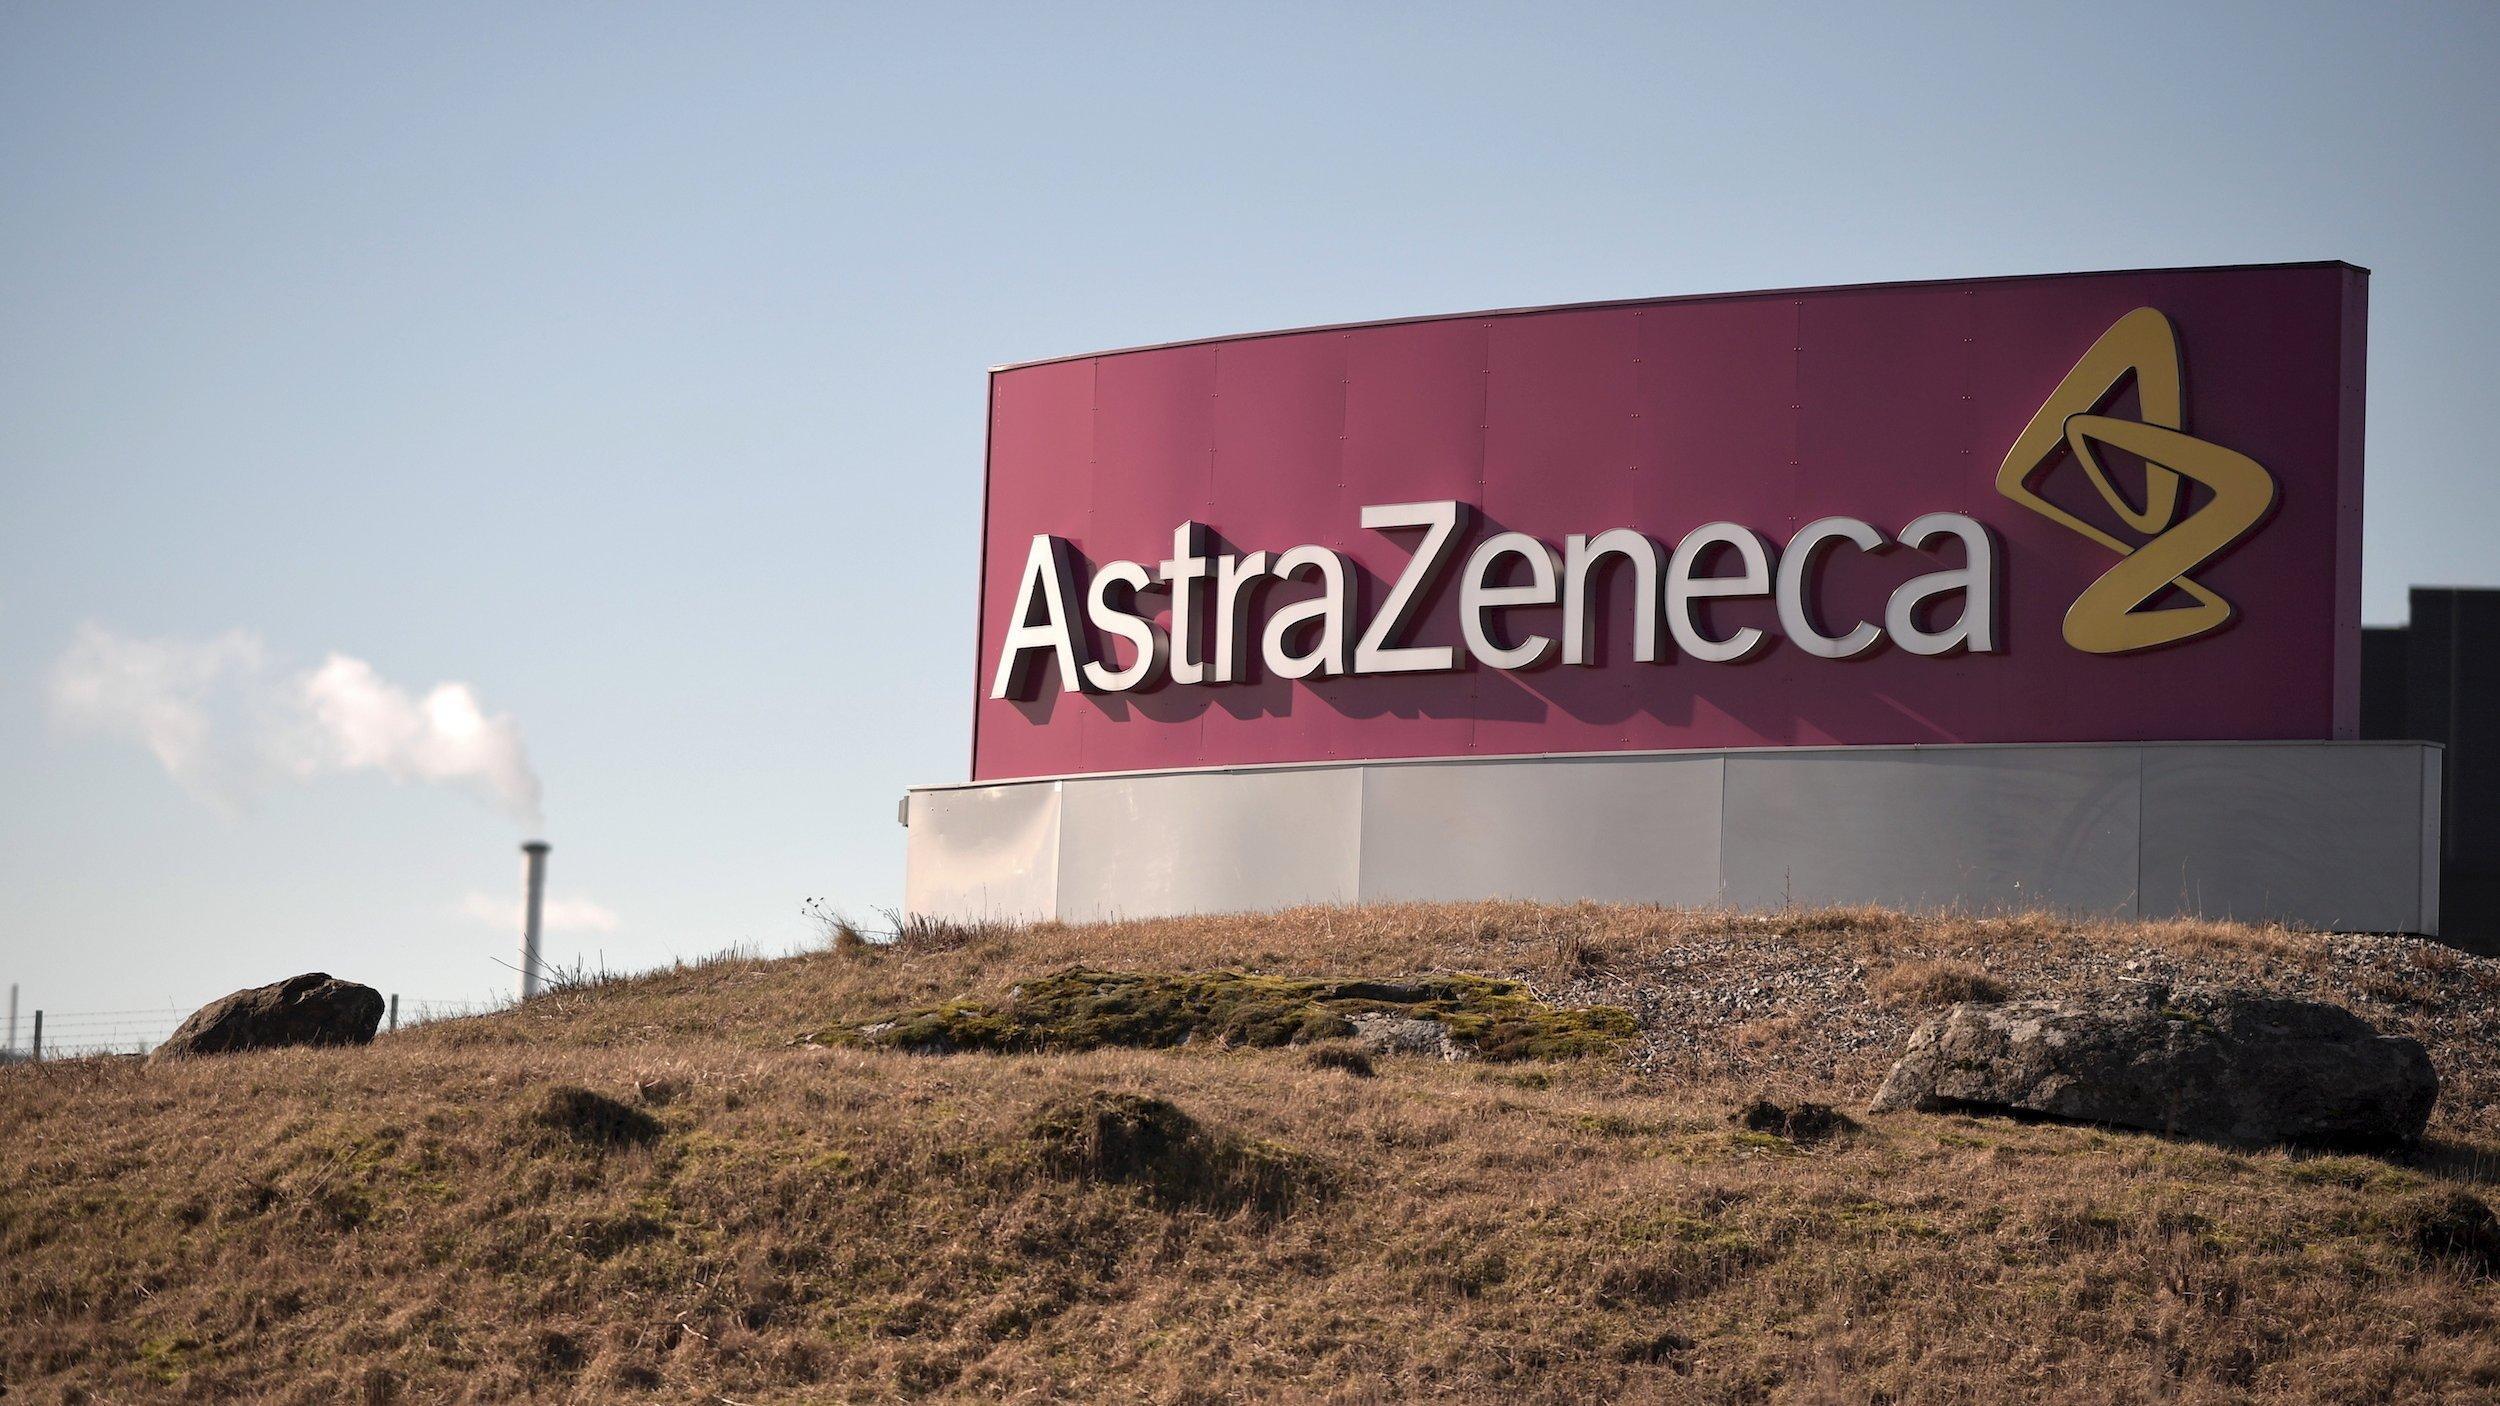 Das Logo von AstraZeneca vor einer Landschaft mit brauner Erde.